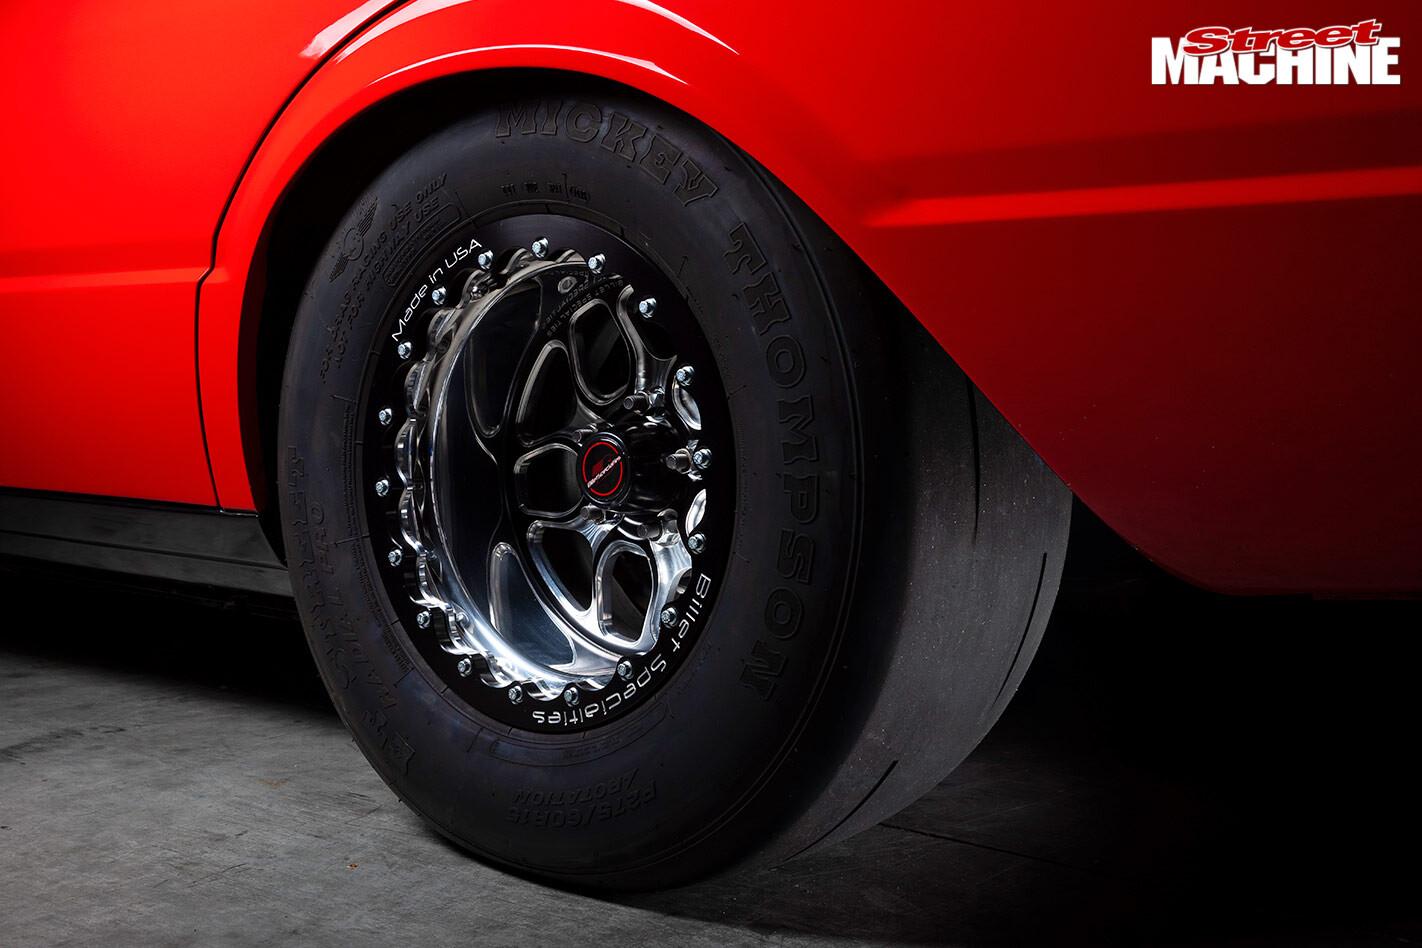 Ford XD Falcon wheel